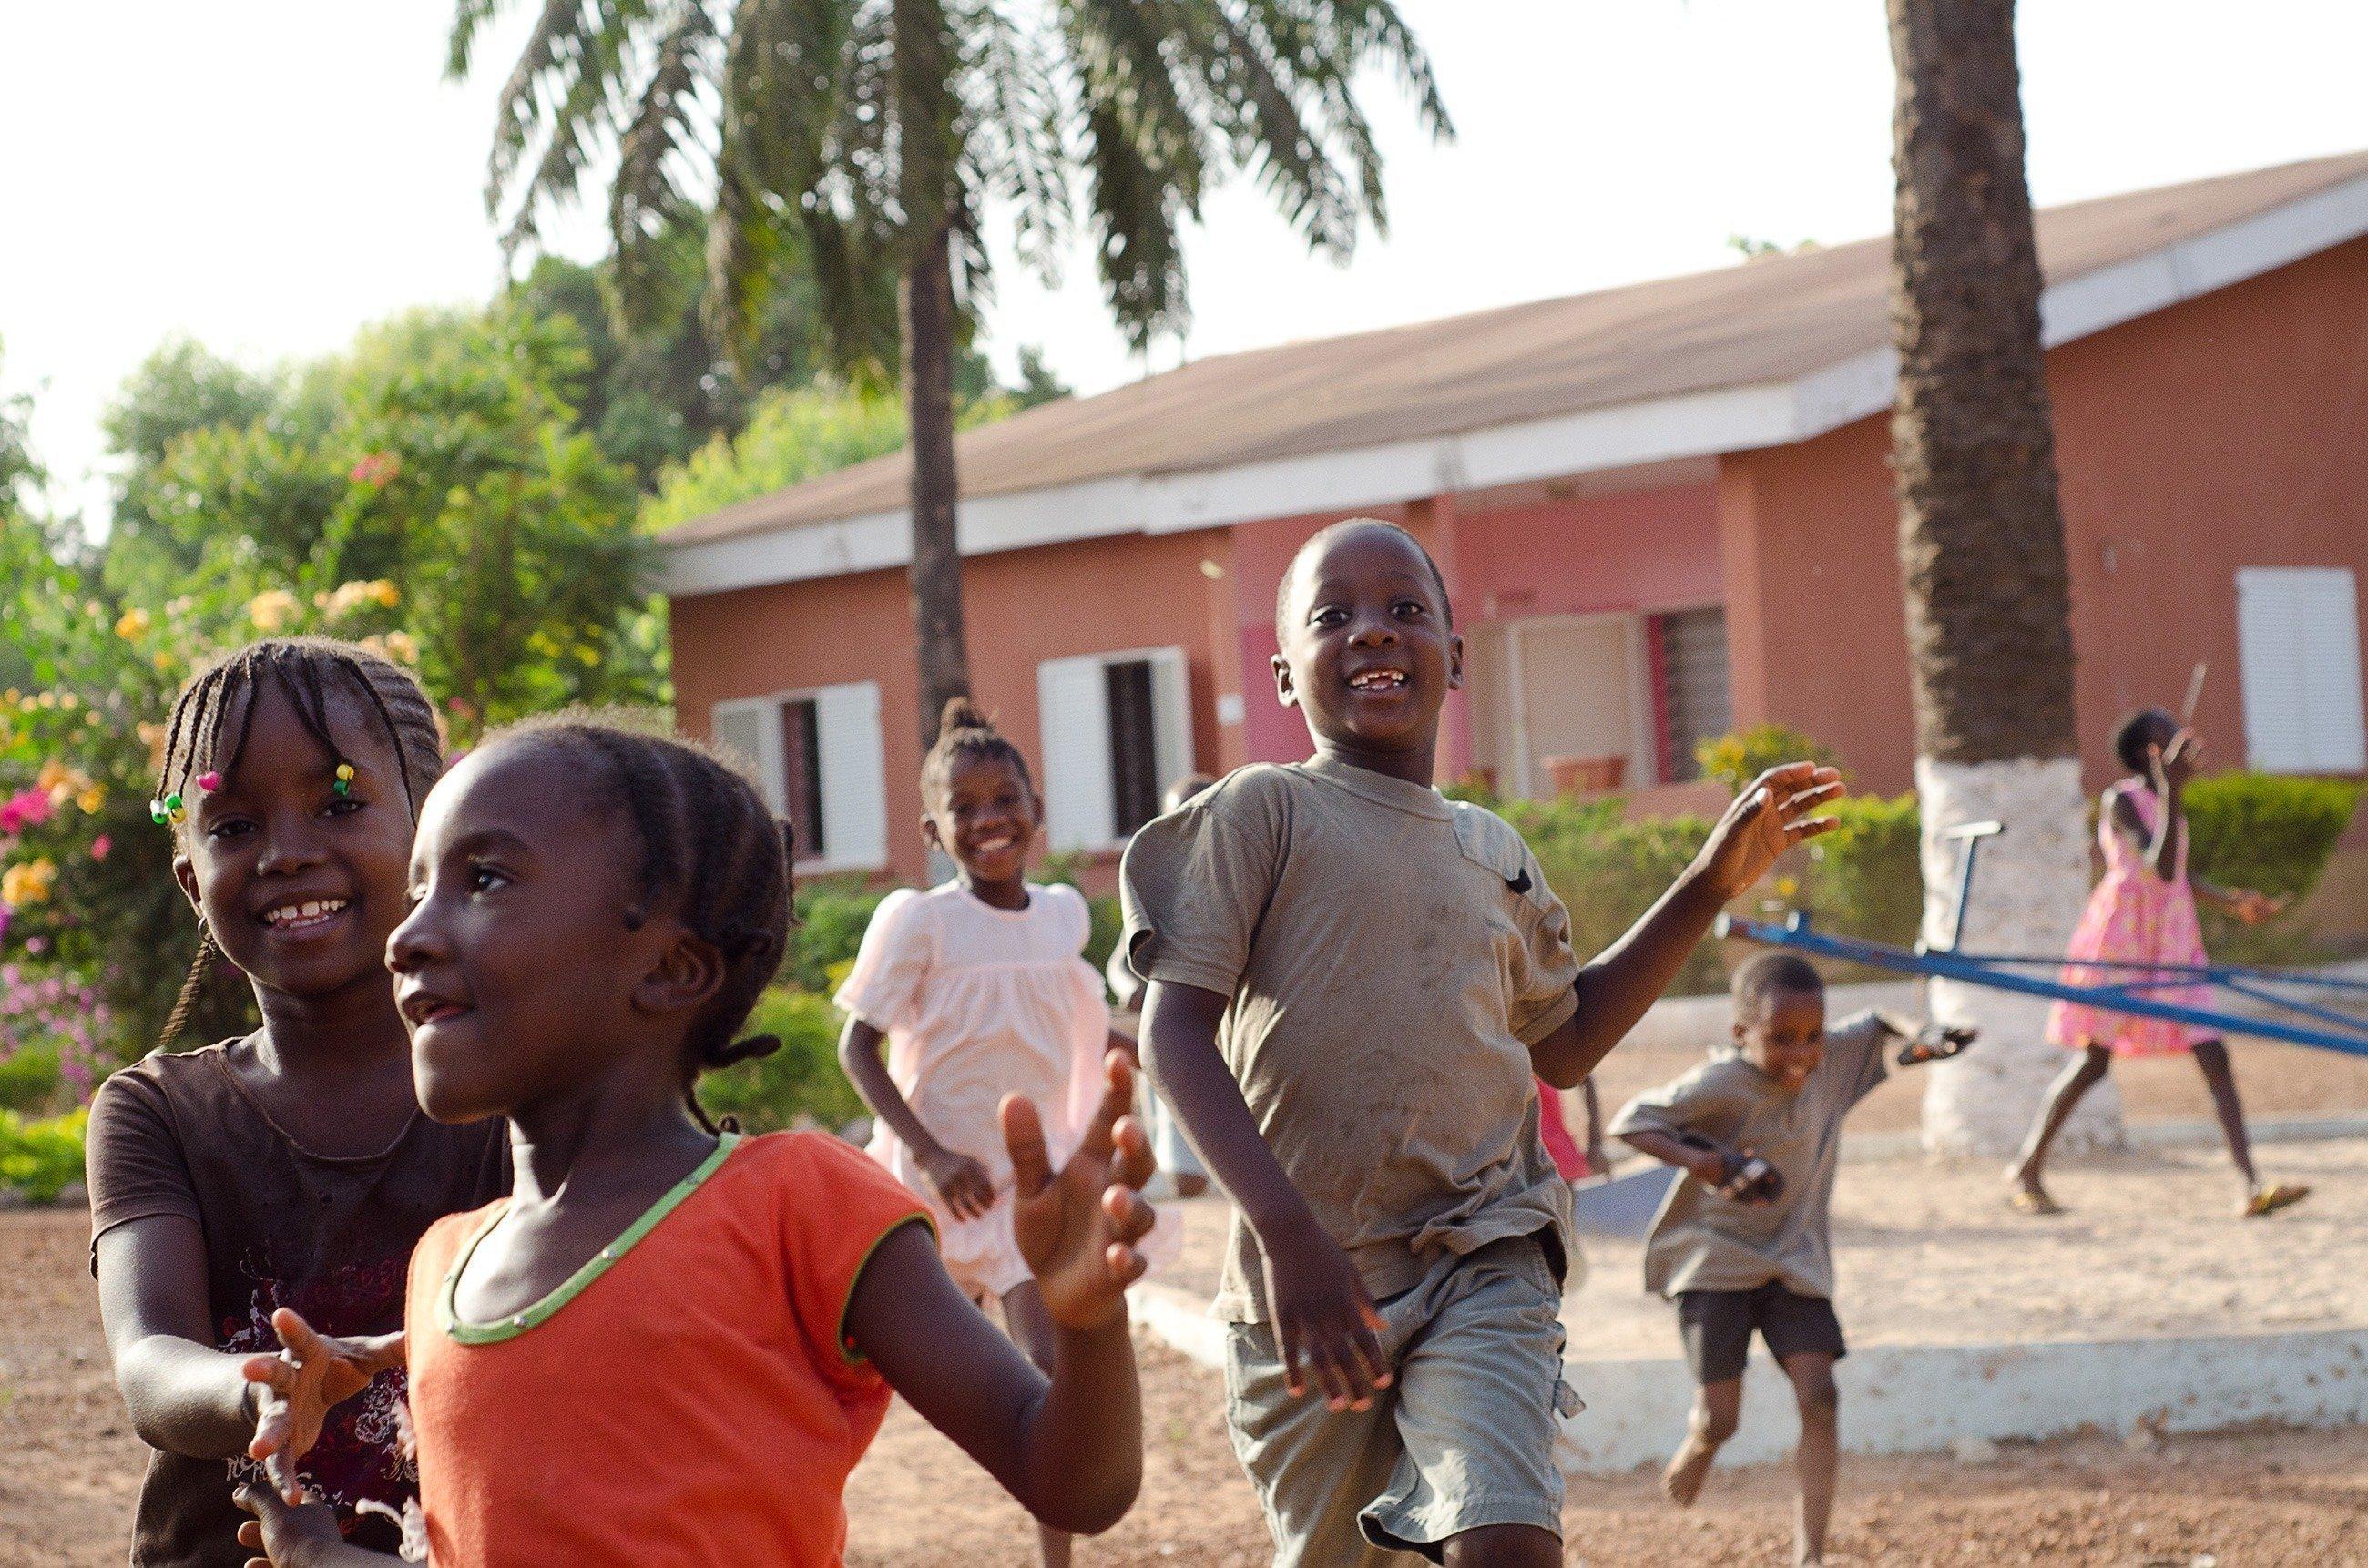 Eine Gruppe spielender Kinder.